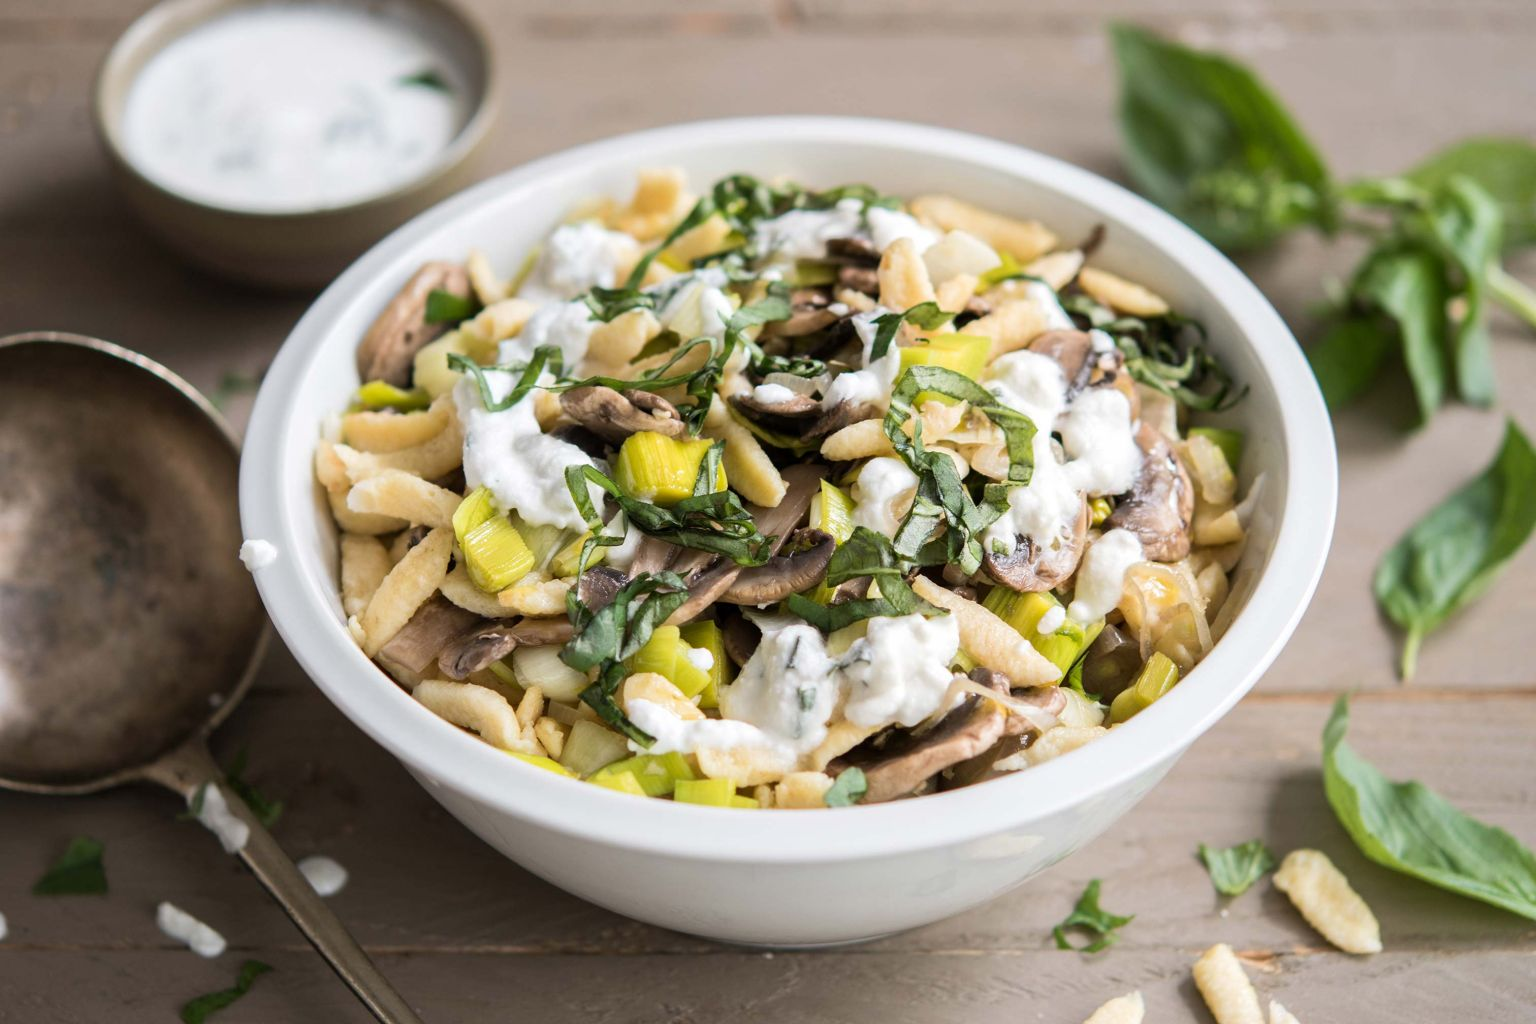 Recette sp tzle saut es aux champignons et ch vre frais quitoque - Comment cuisiner des champignons frais ...